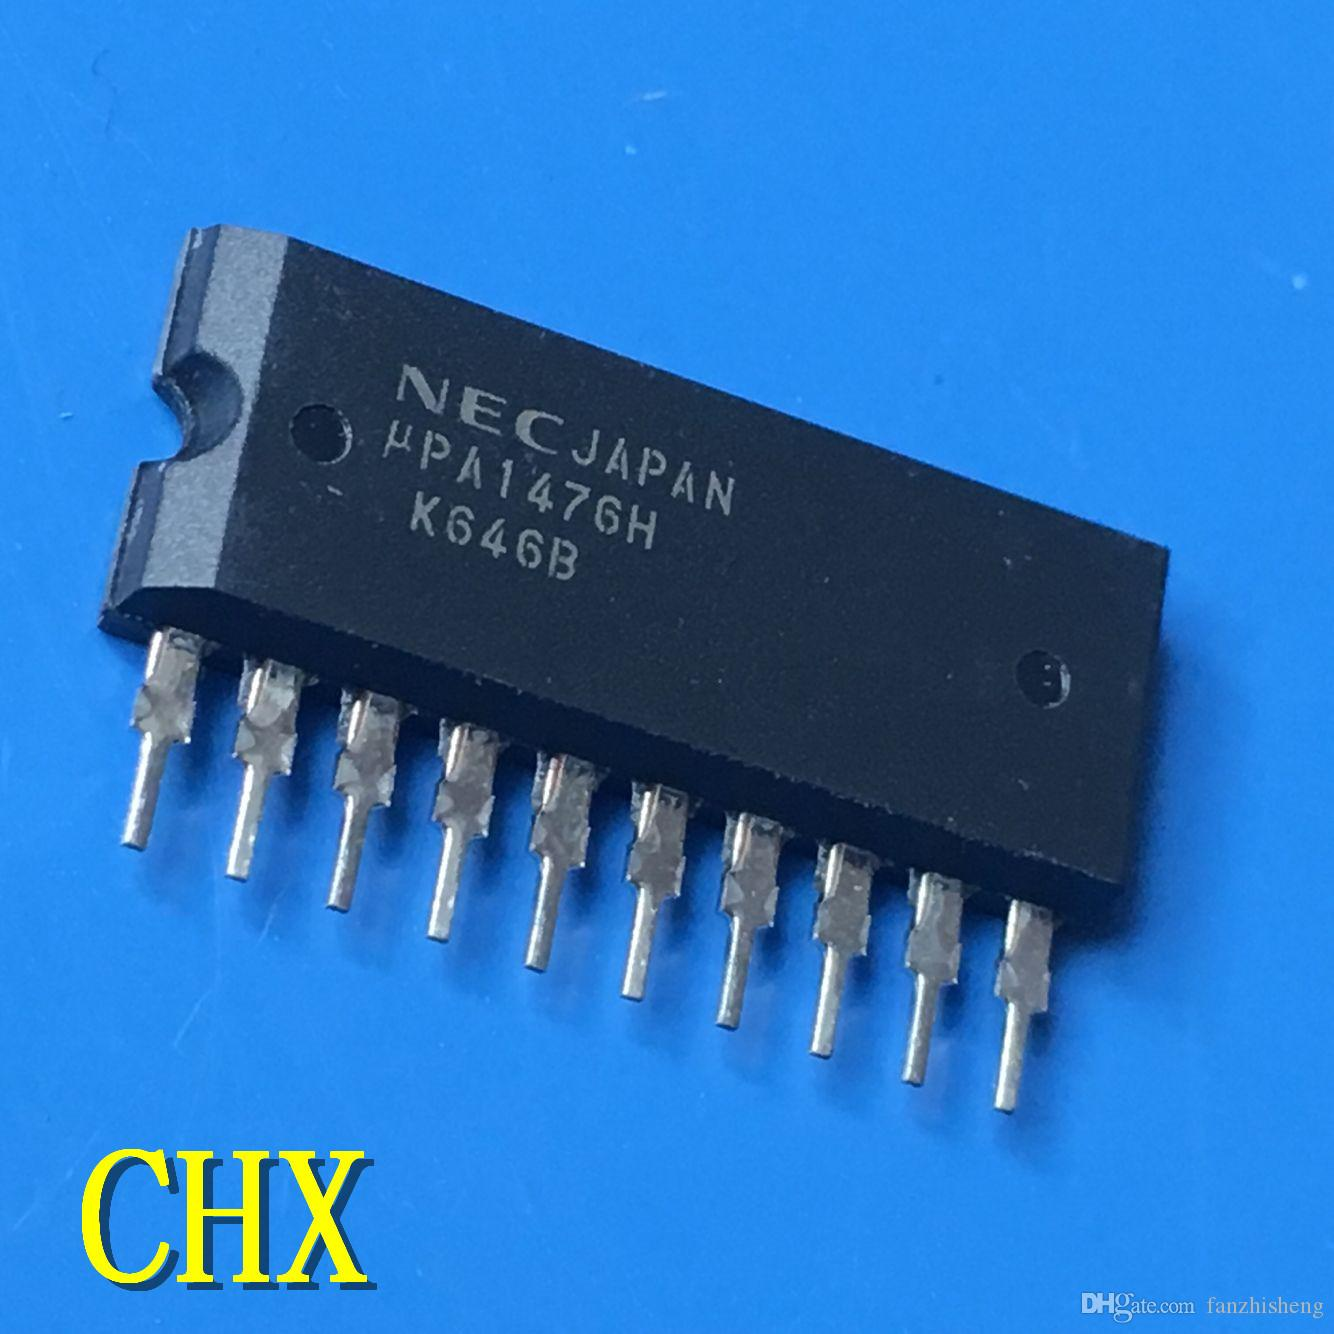 2 / ADET Yeni ve orijinal STRG5623A STK672-630A STK672-640A 30J122A GT30J122A SCM1242MF CTM8251T UPA1476H PA1476H TA1223AN DIP ZIP SOP modülü